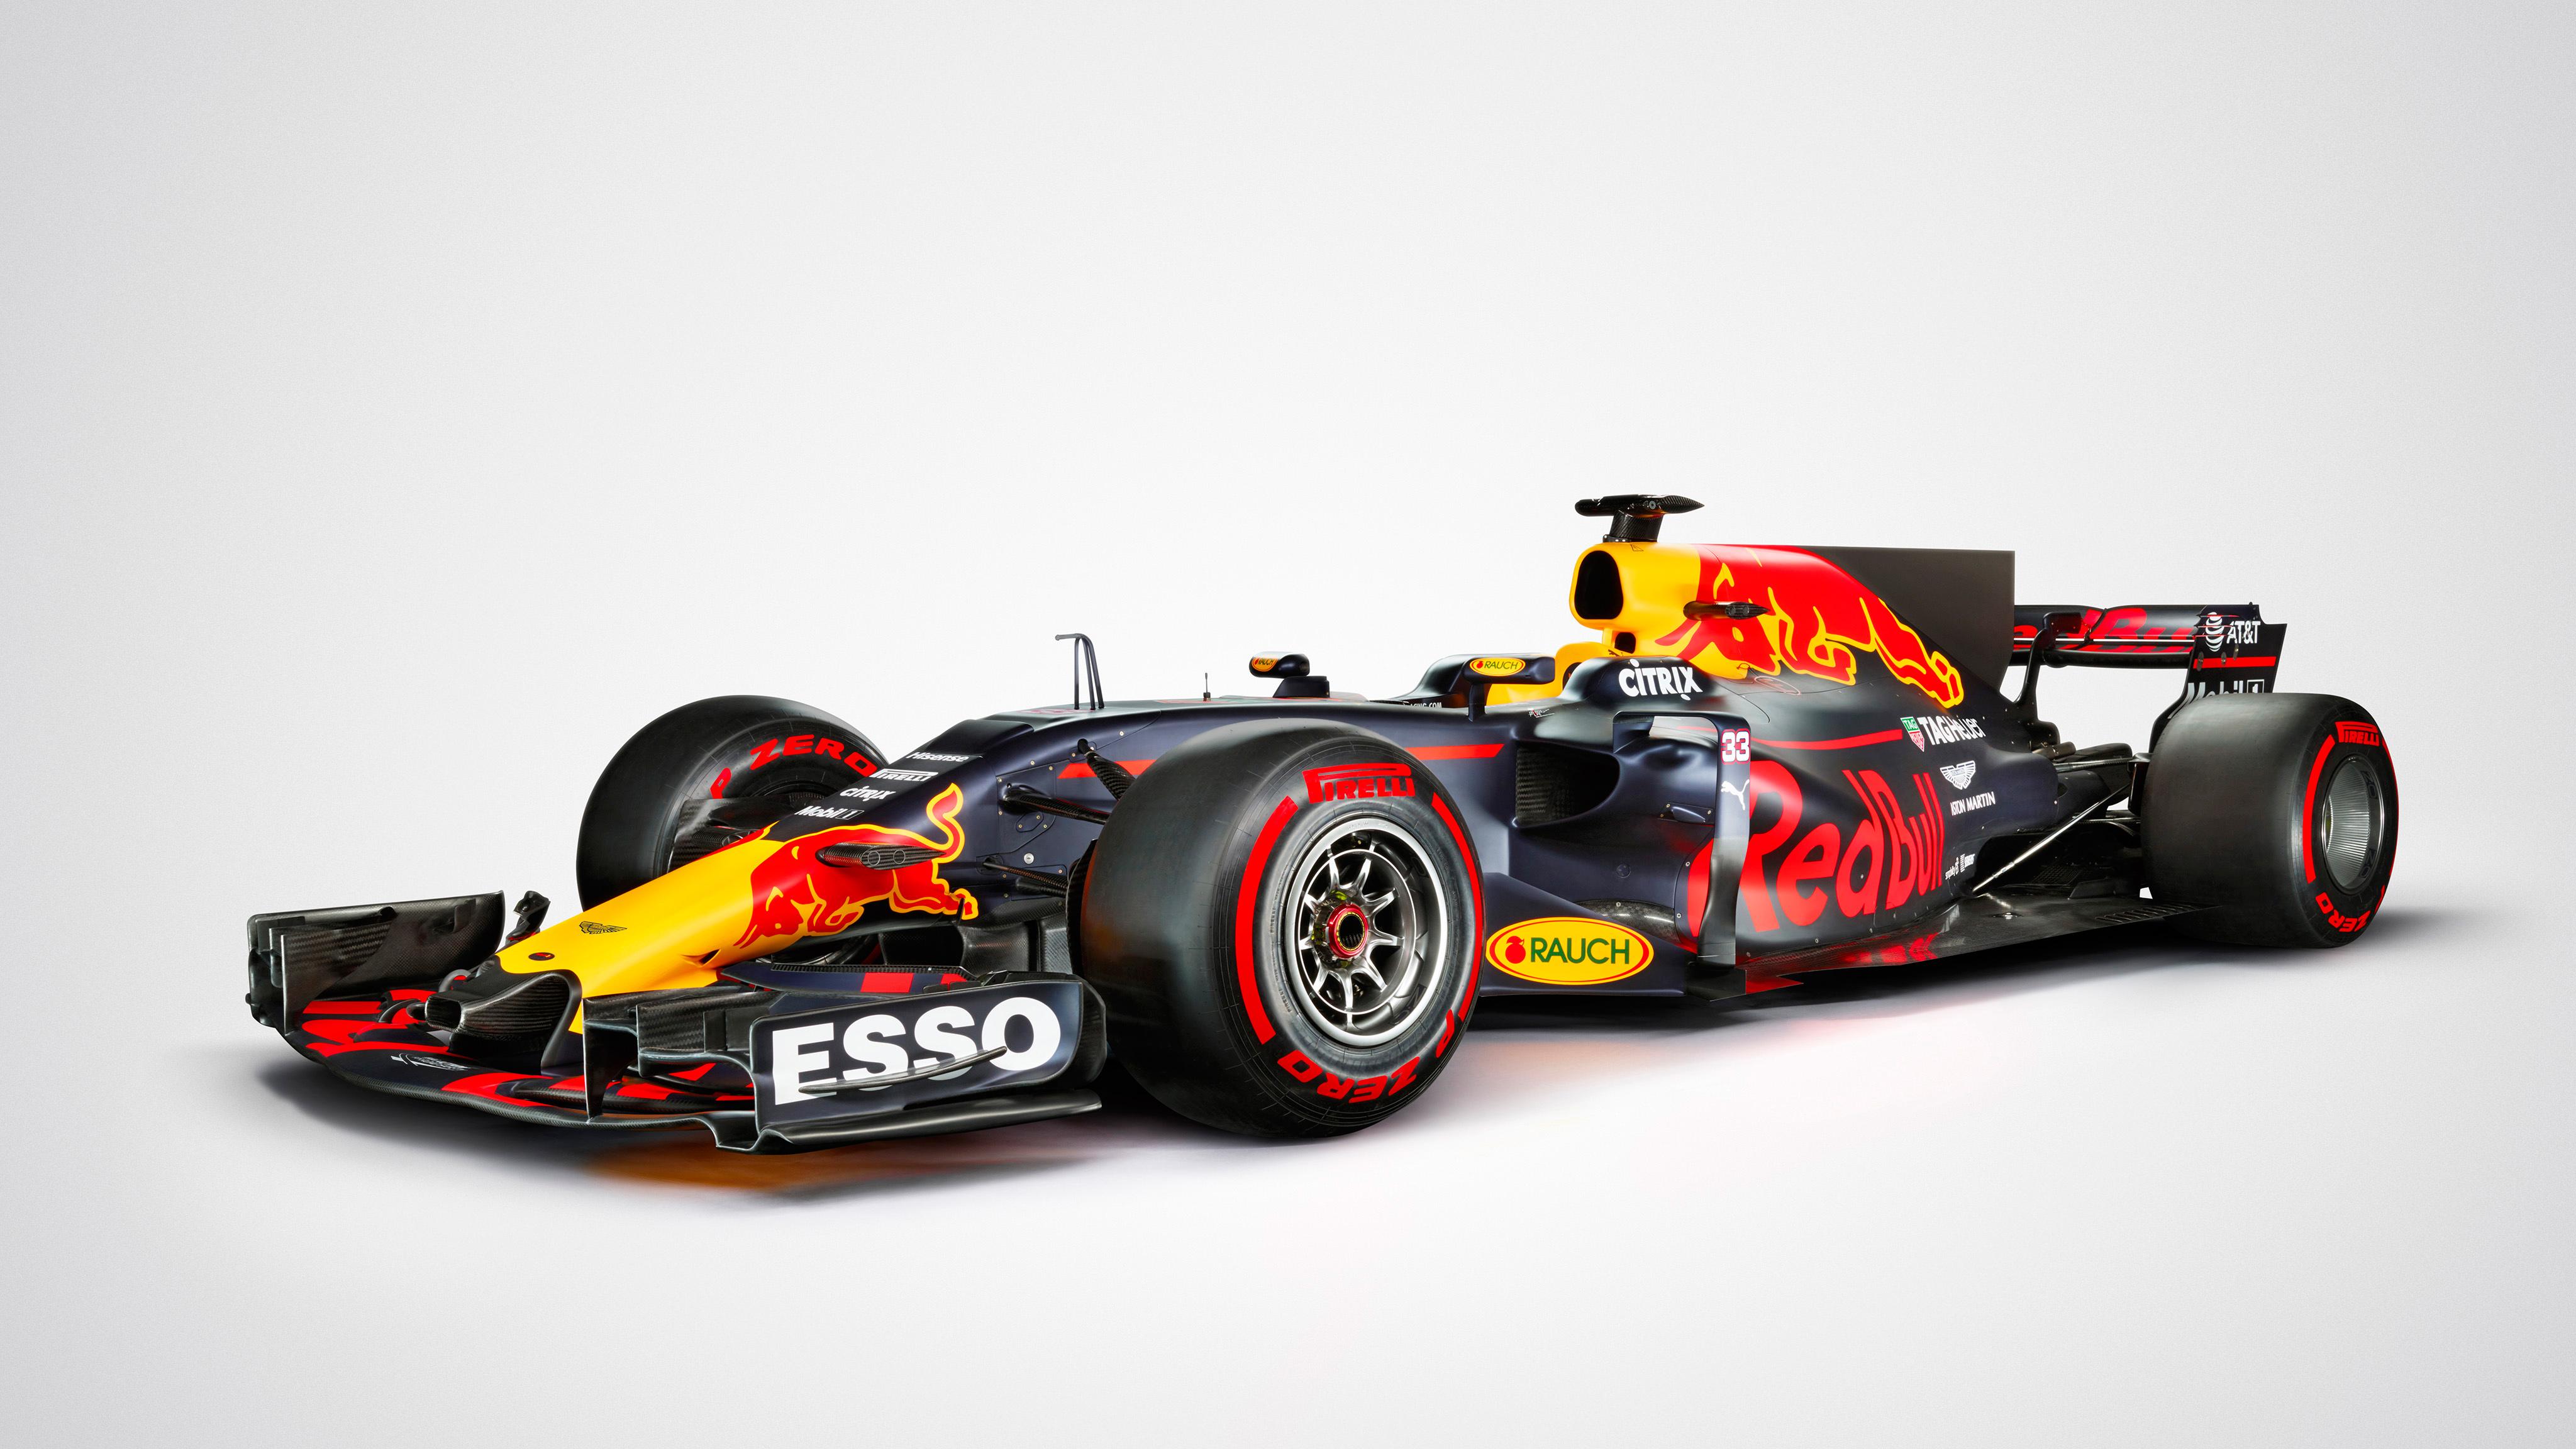 2017 red bull rb13 formula 1 car 4k wallpaper | hd car wallpapers